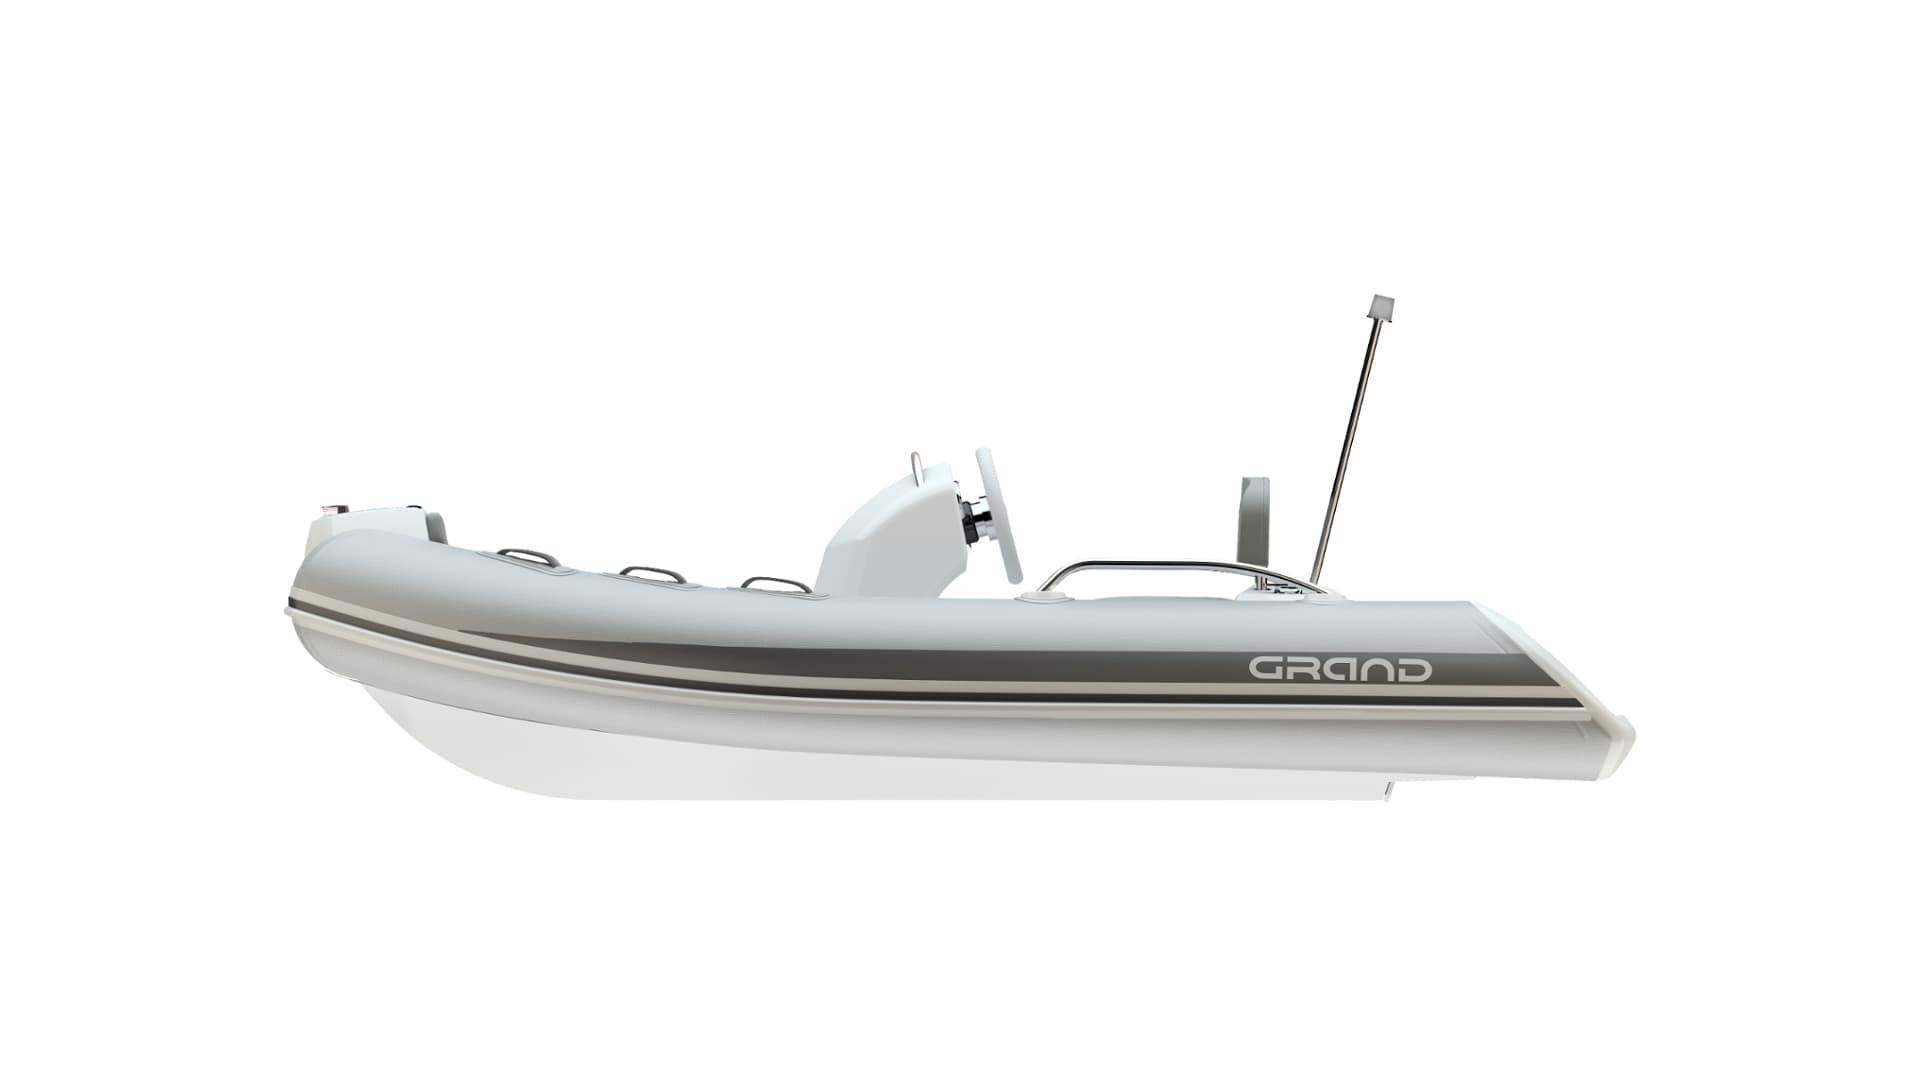 Надувная лодка GRAND Golden Line G340EF,  GRAND Golden Line G340EF,  GRAND G340EF, Надувная лодка GRAND Golden Line G340,  GRAND Golden Line G340,  GRAND G340, Надувная лодка GRAND, Надувная лодка с жестким дном,  Rigid Inflatable Boats, RIB